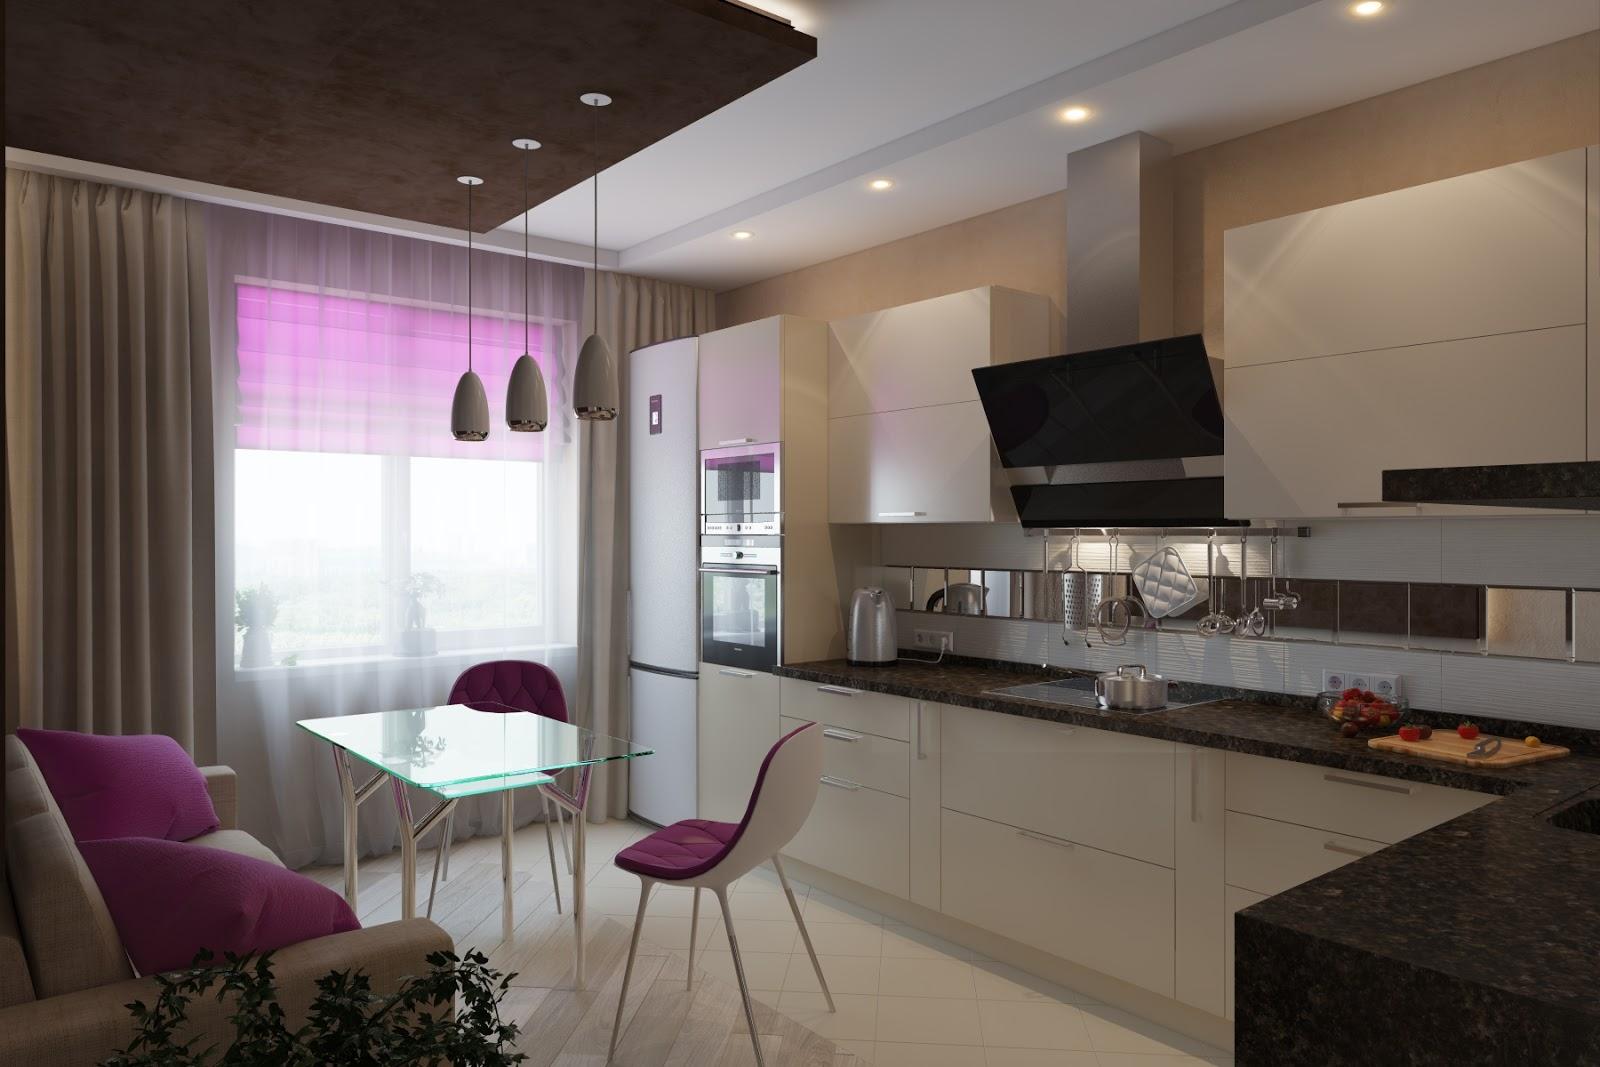 Интерьер и дизайн кухни 10 кв м